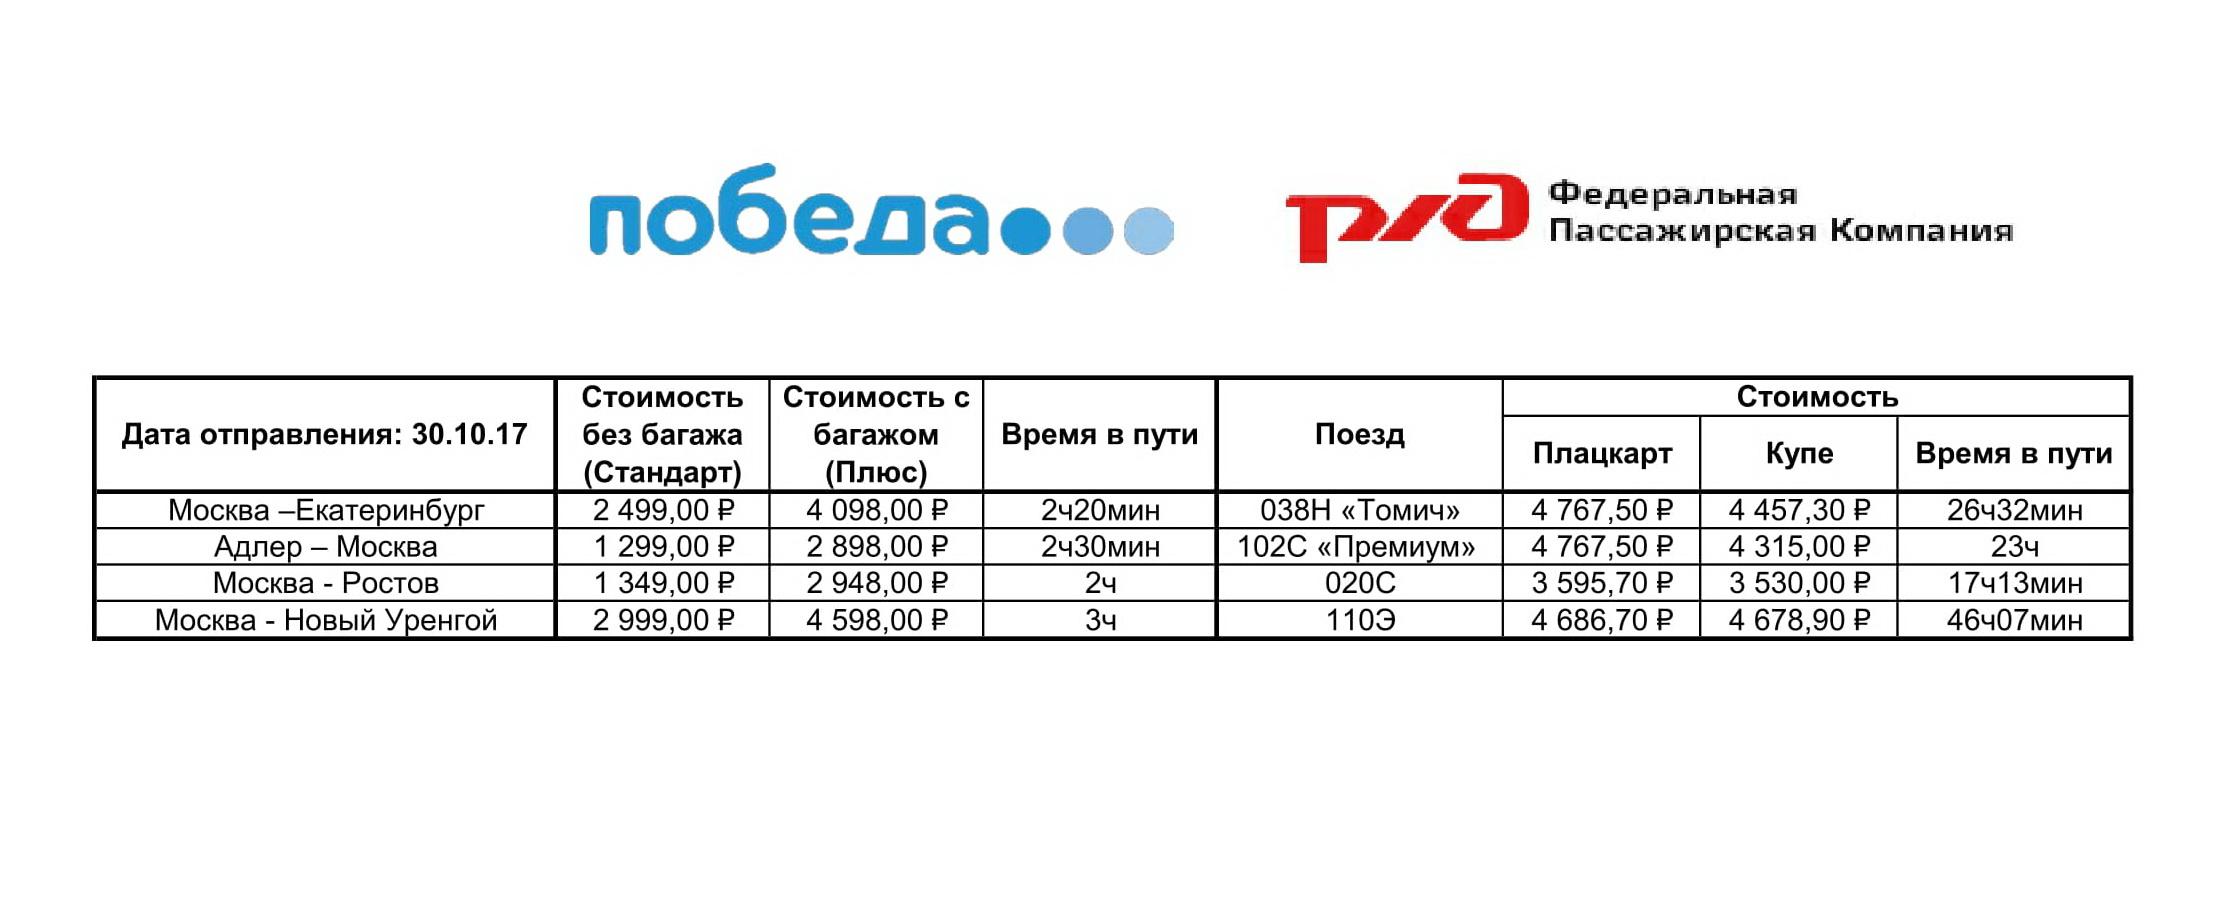 pobeda_vs_rzhd-kupe-plackart